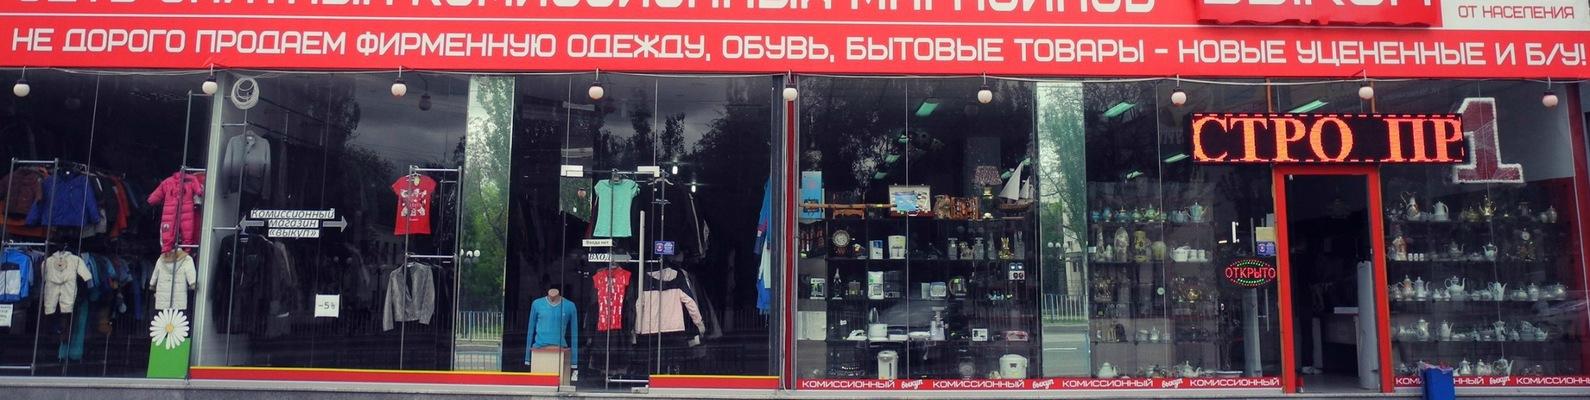 d9b8e5dff2c Комиссионный магазин